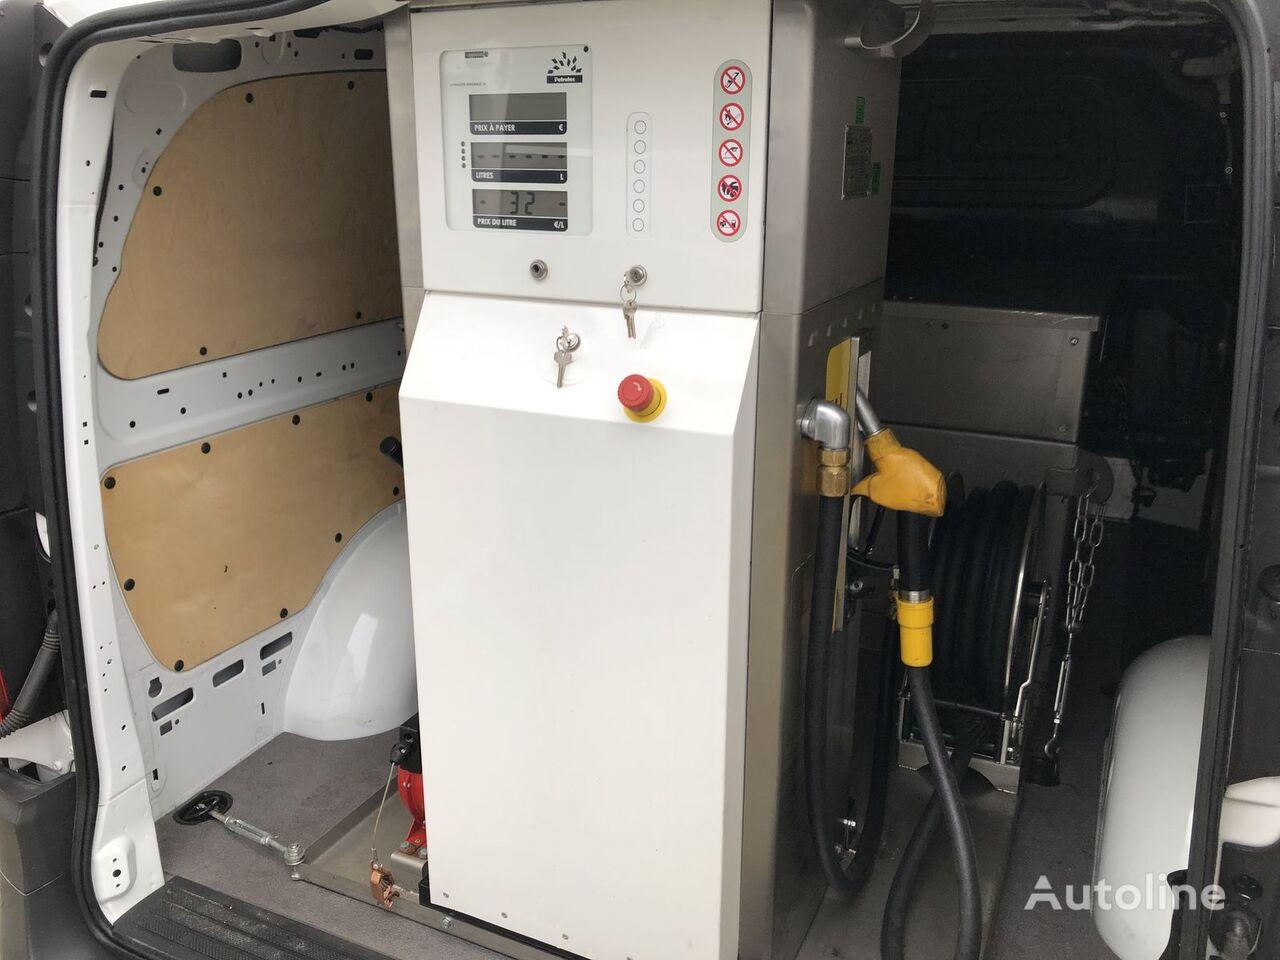 ciężarówka do przewozu paliw MERCEDES-BENZ Vito 111 cdi Lang betankungsfahrzeug Blocalps 330